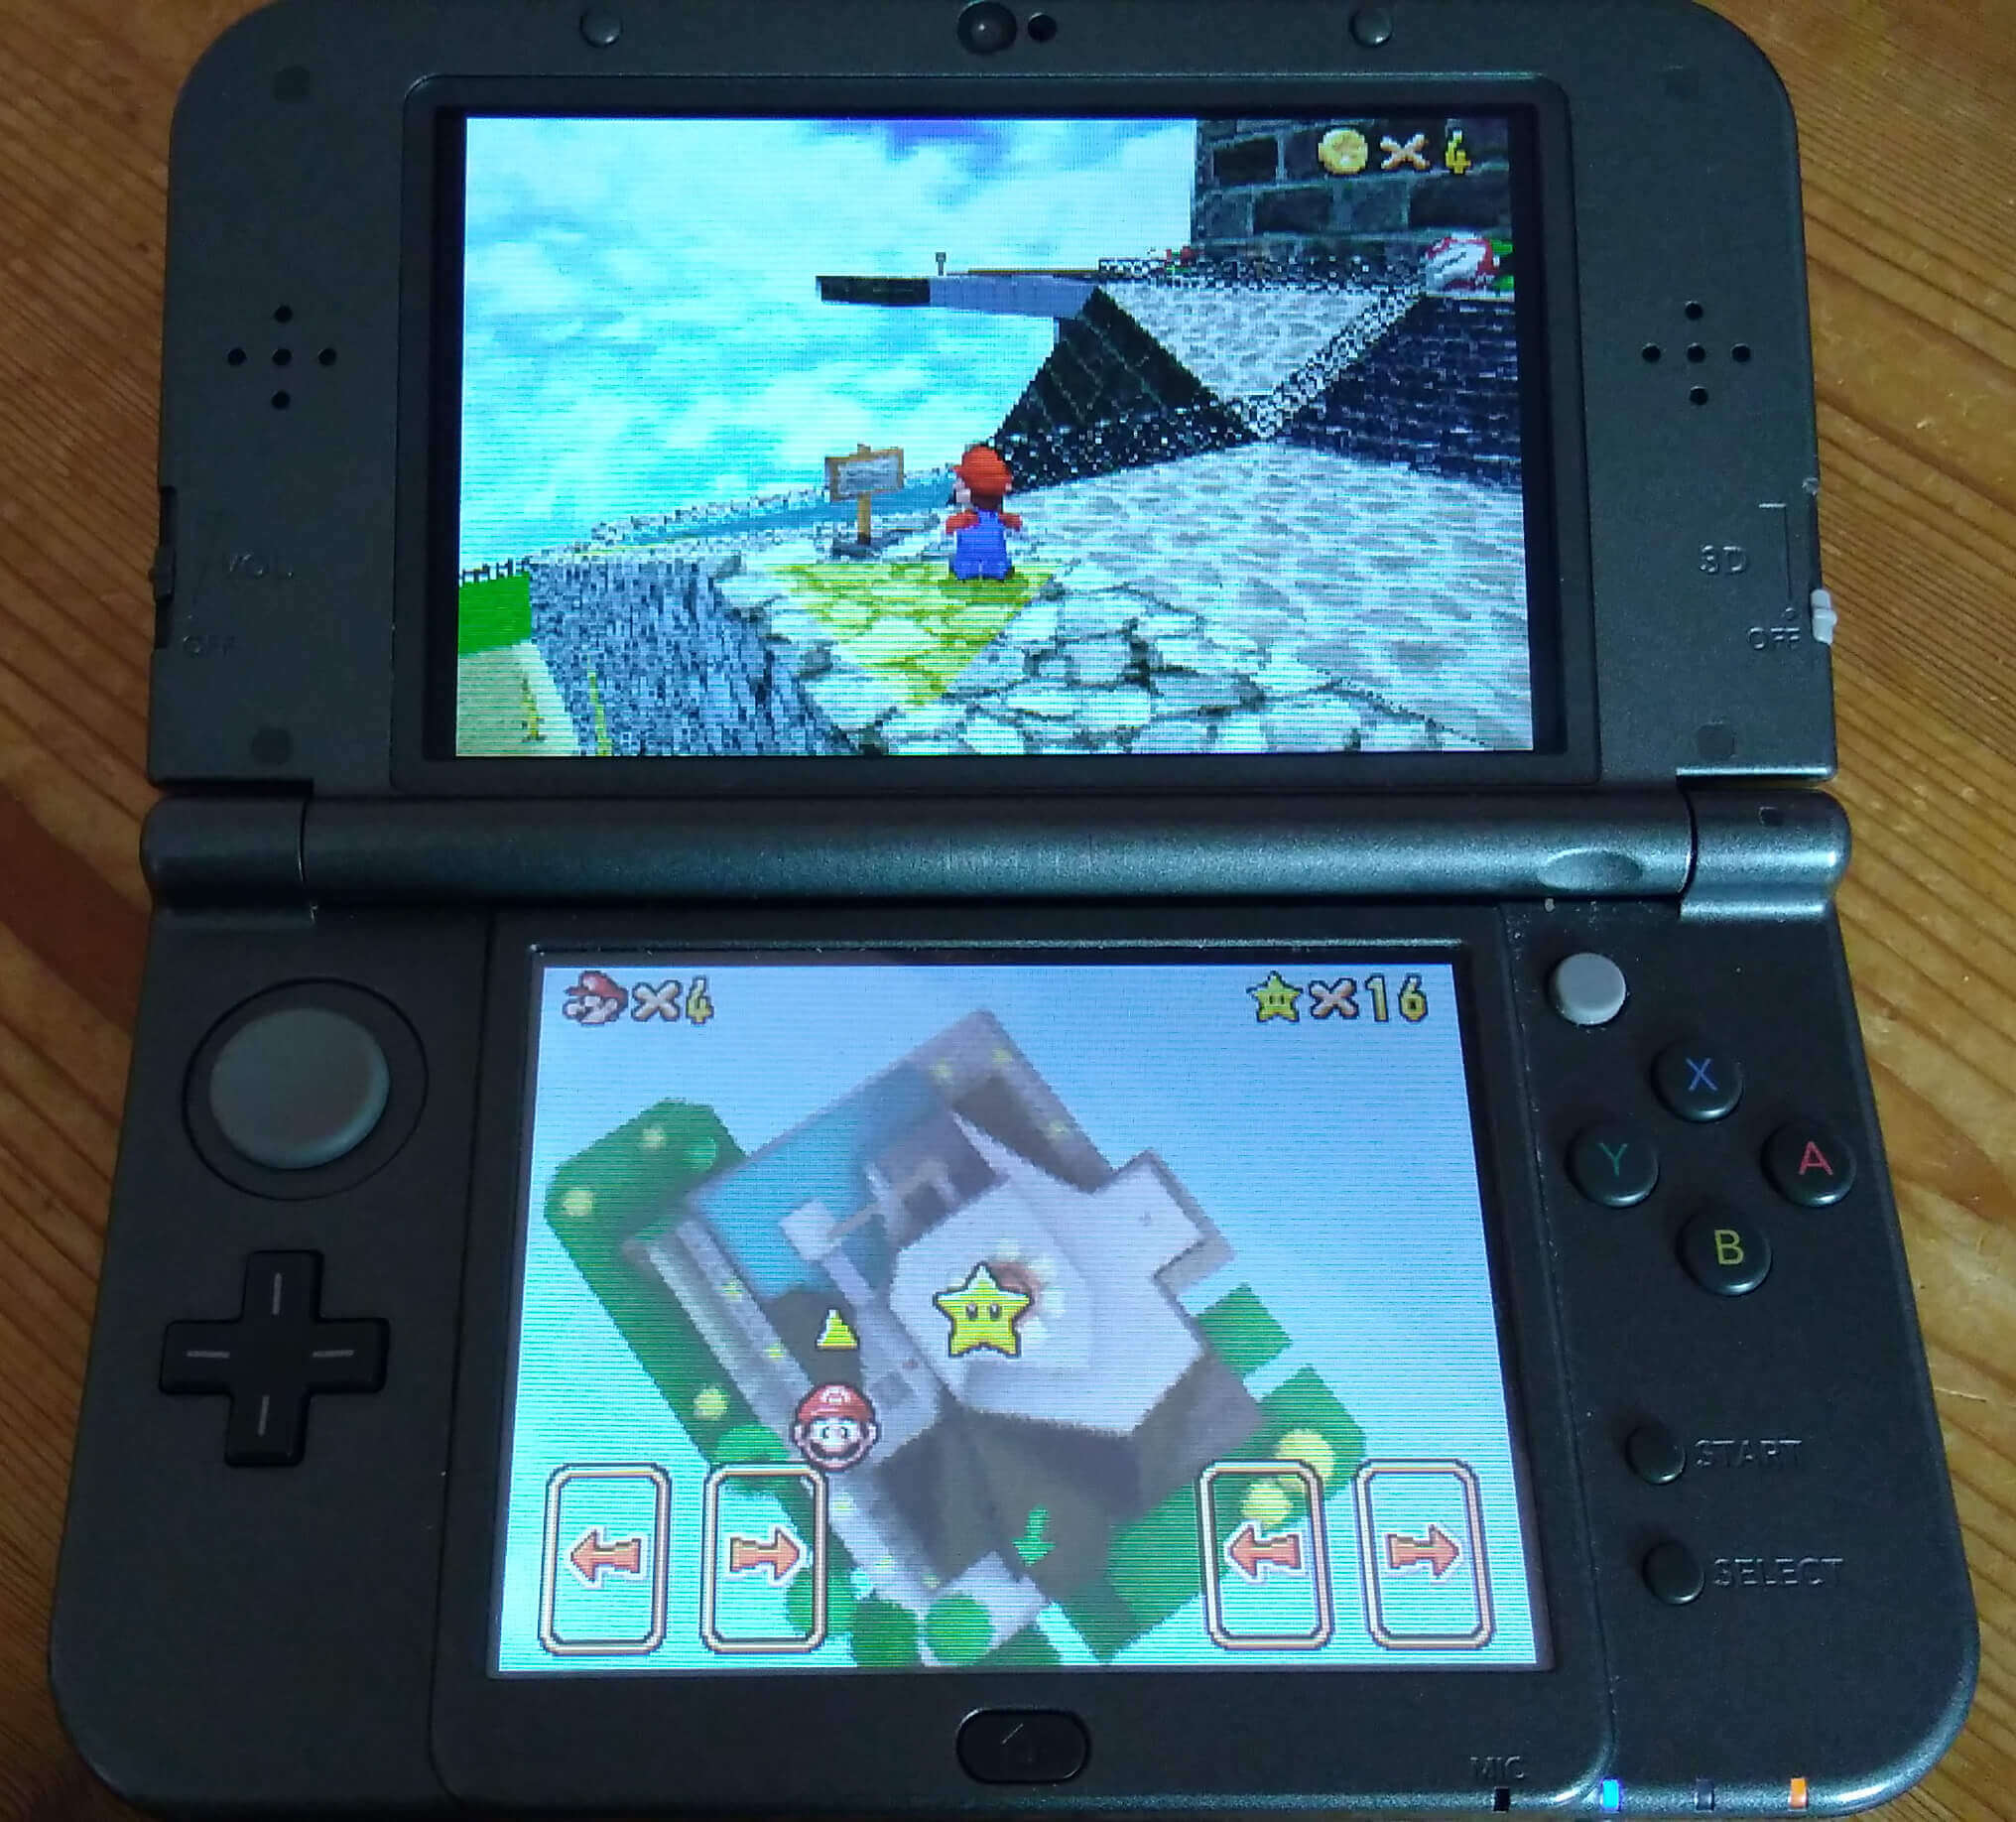 Nintendo 3ds Sd Karte.Wiidatabase Aktuelle News Rund Um Nintendo Homebrew